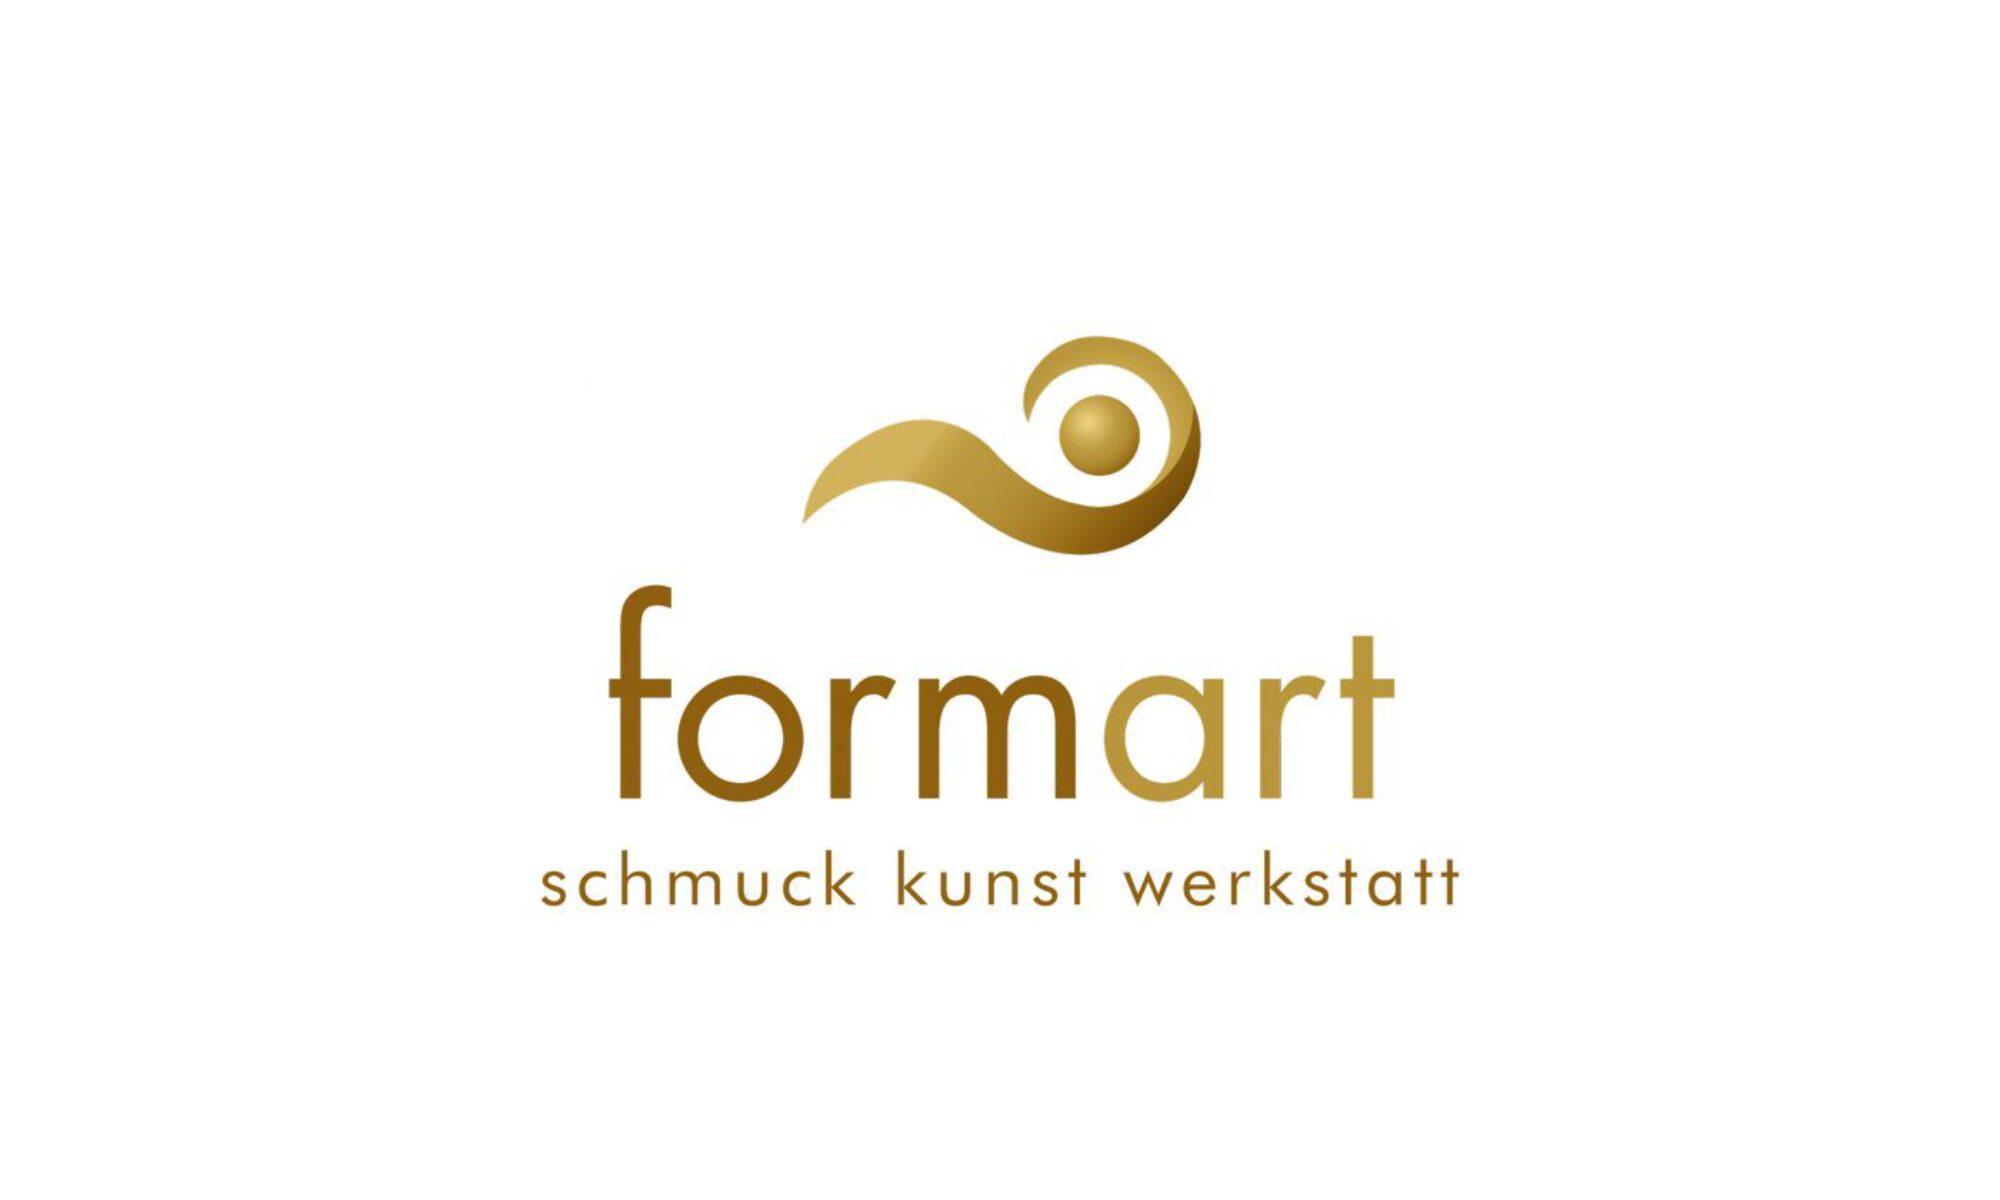 form-art.com Schmuck - Kunst - Werkstatt